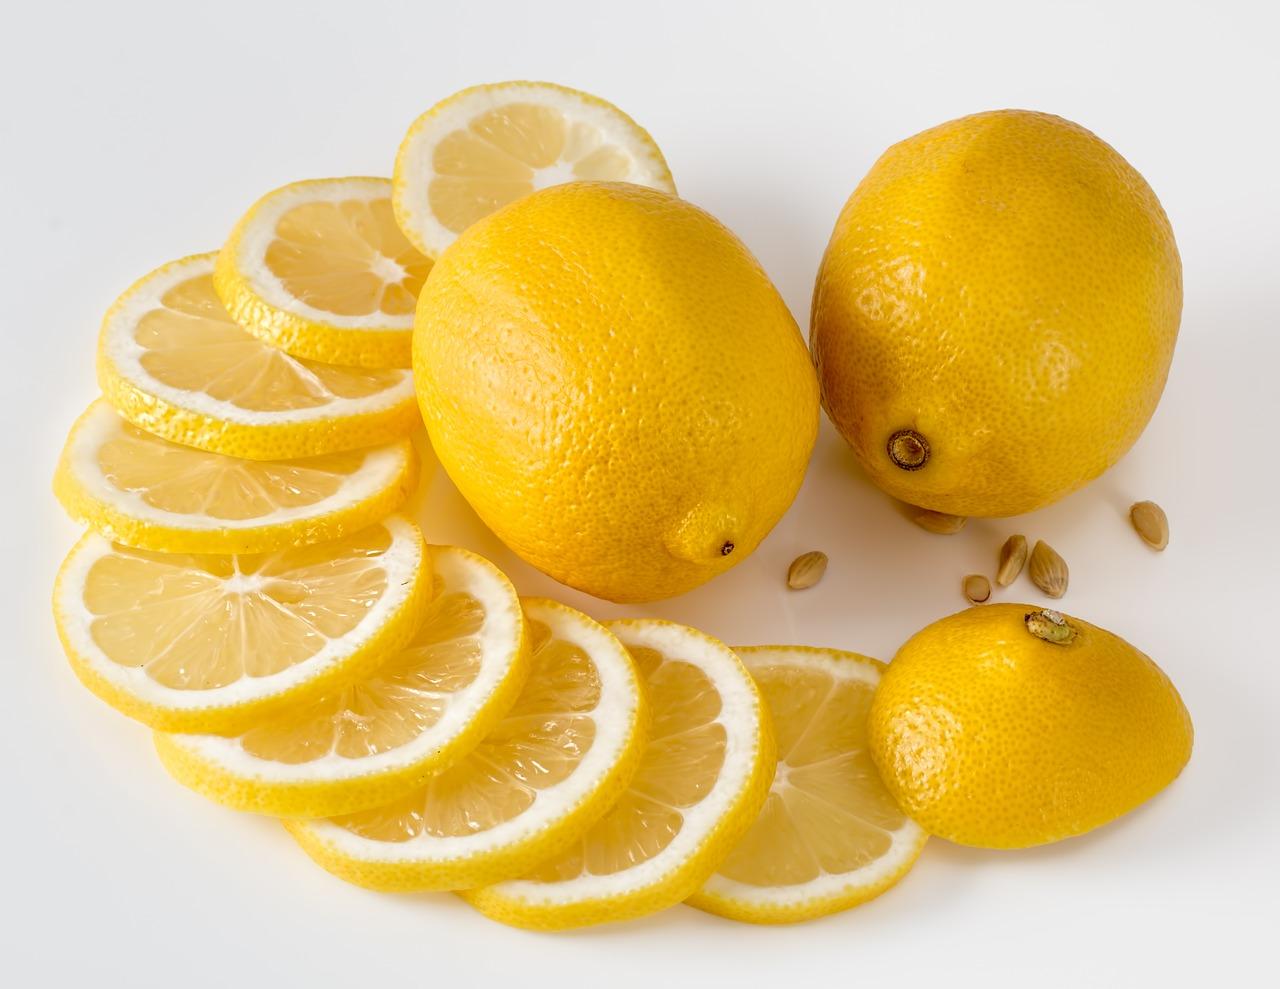 Il limone e i suoi benefici nella perdita dei chili di troppo